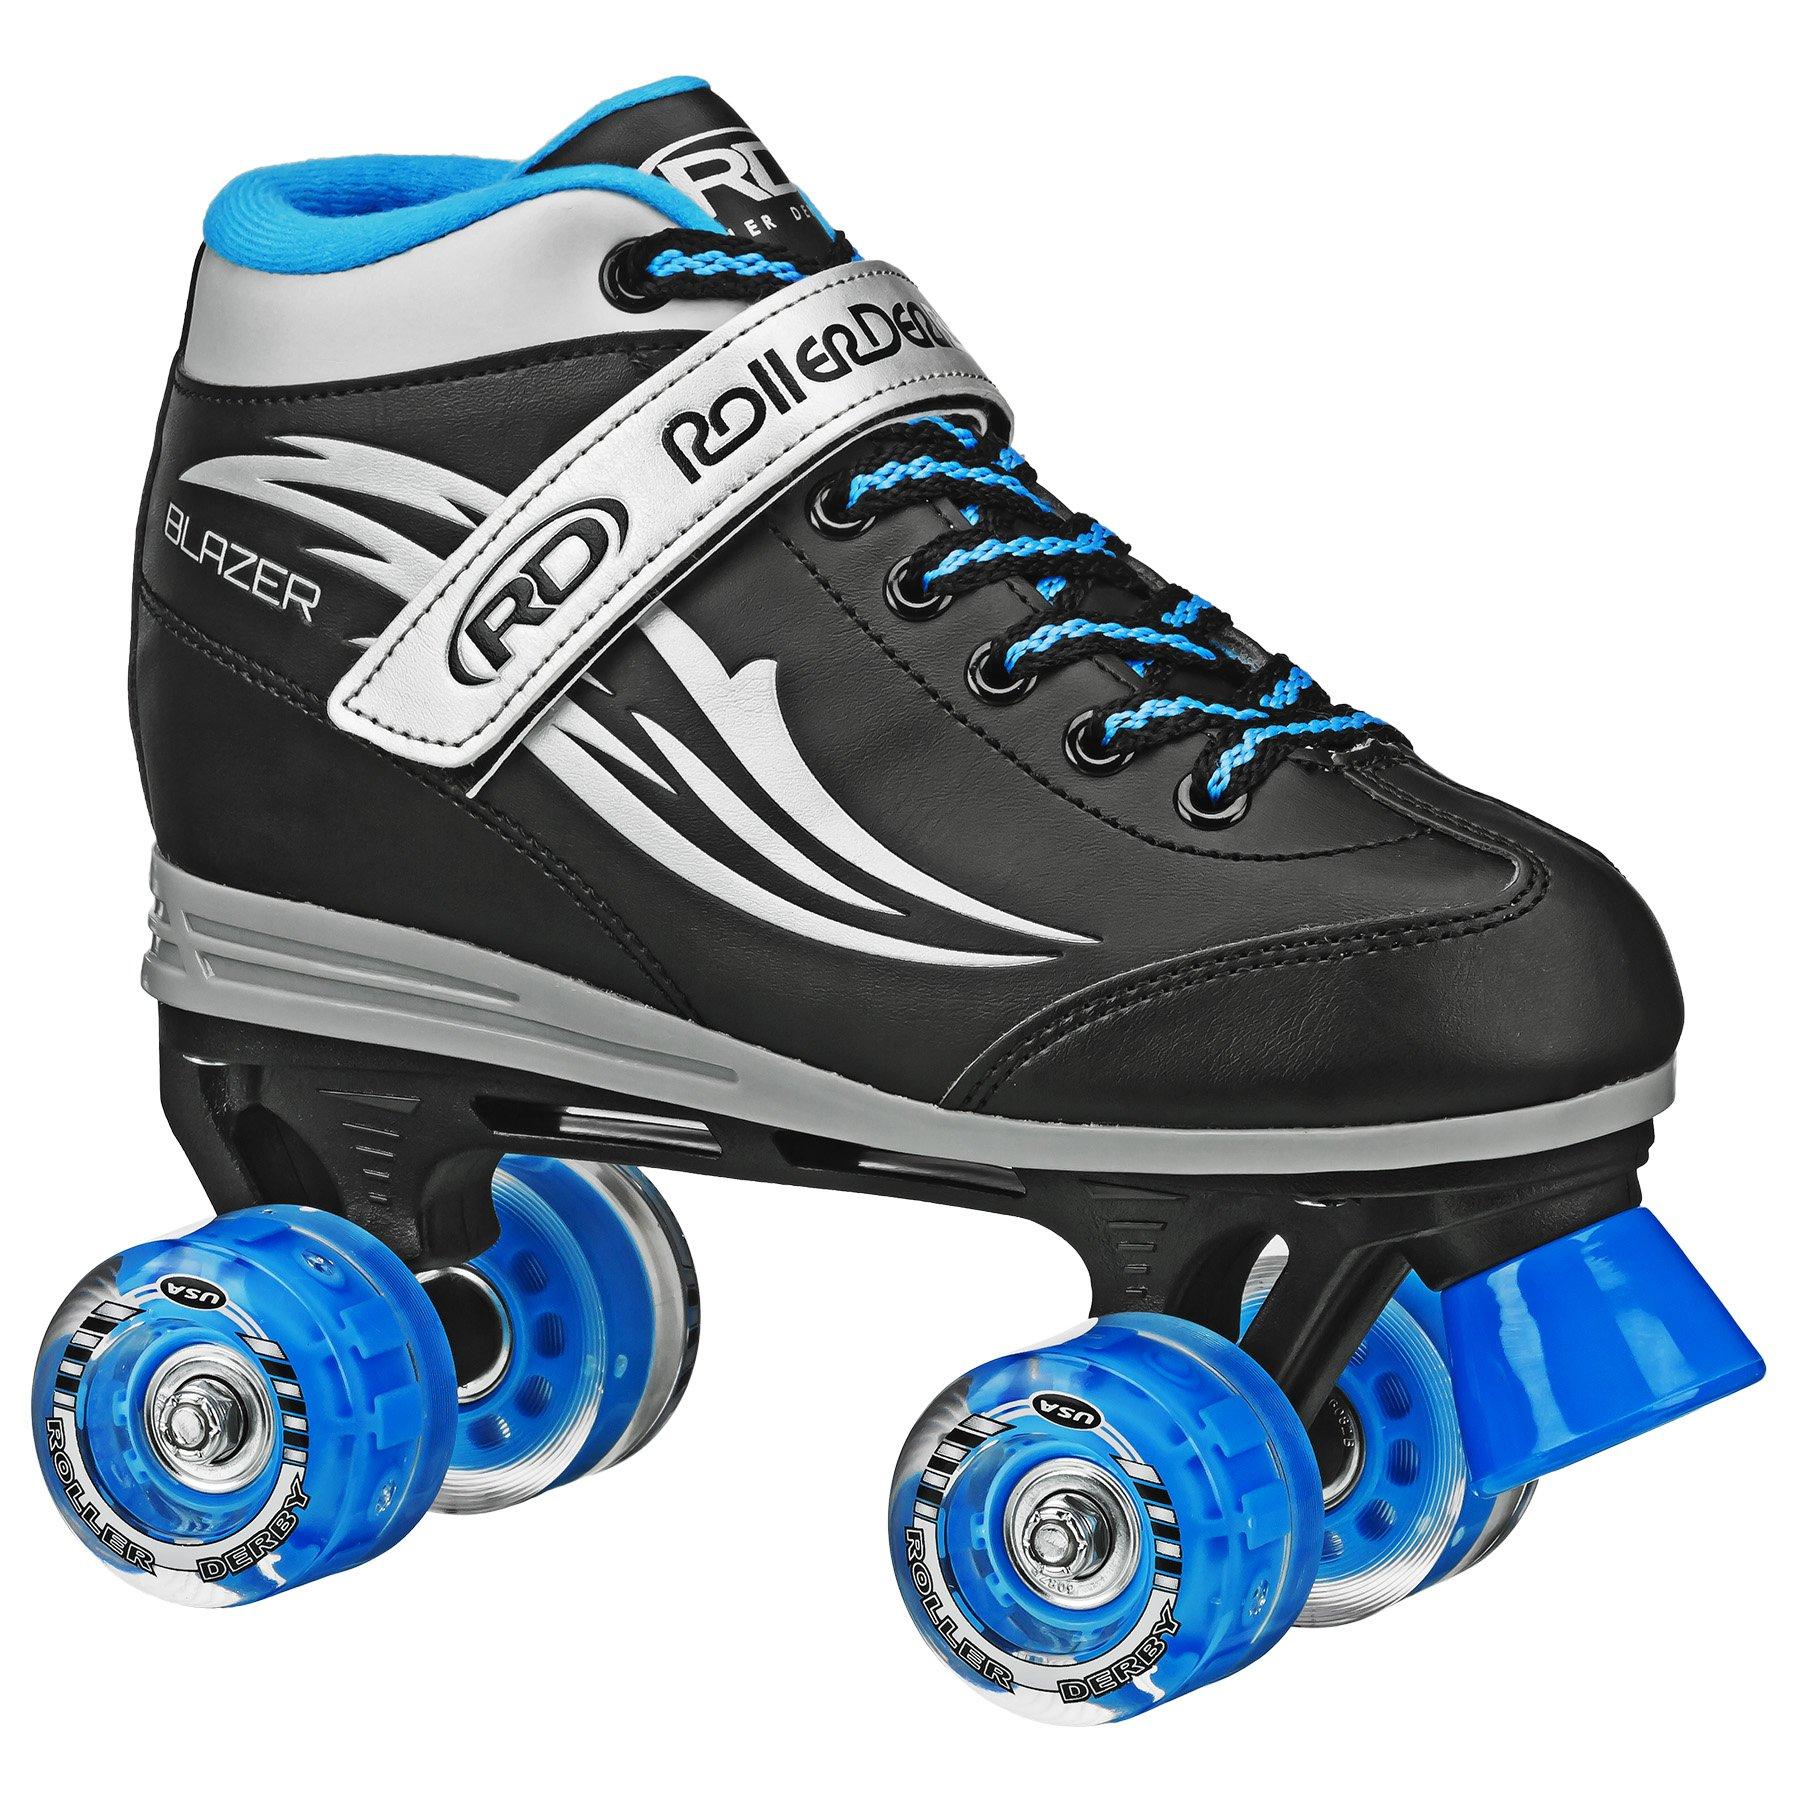 Roller Derby Boys Blazer Lighted Wheel Roller Skate, Black, Size 5 by Roller Derby